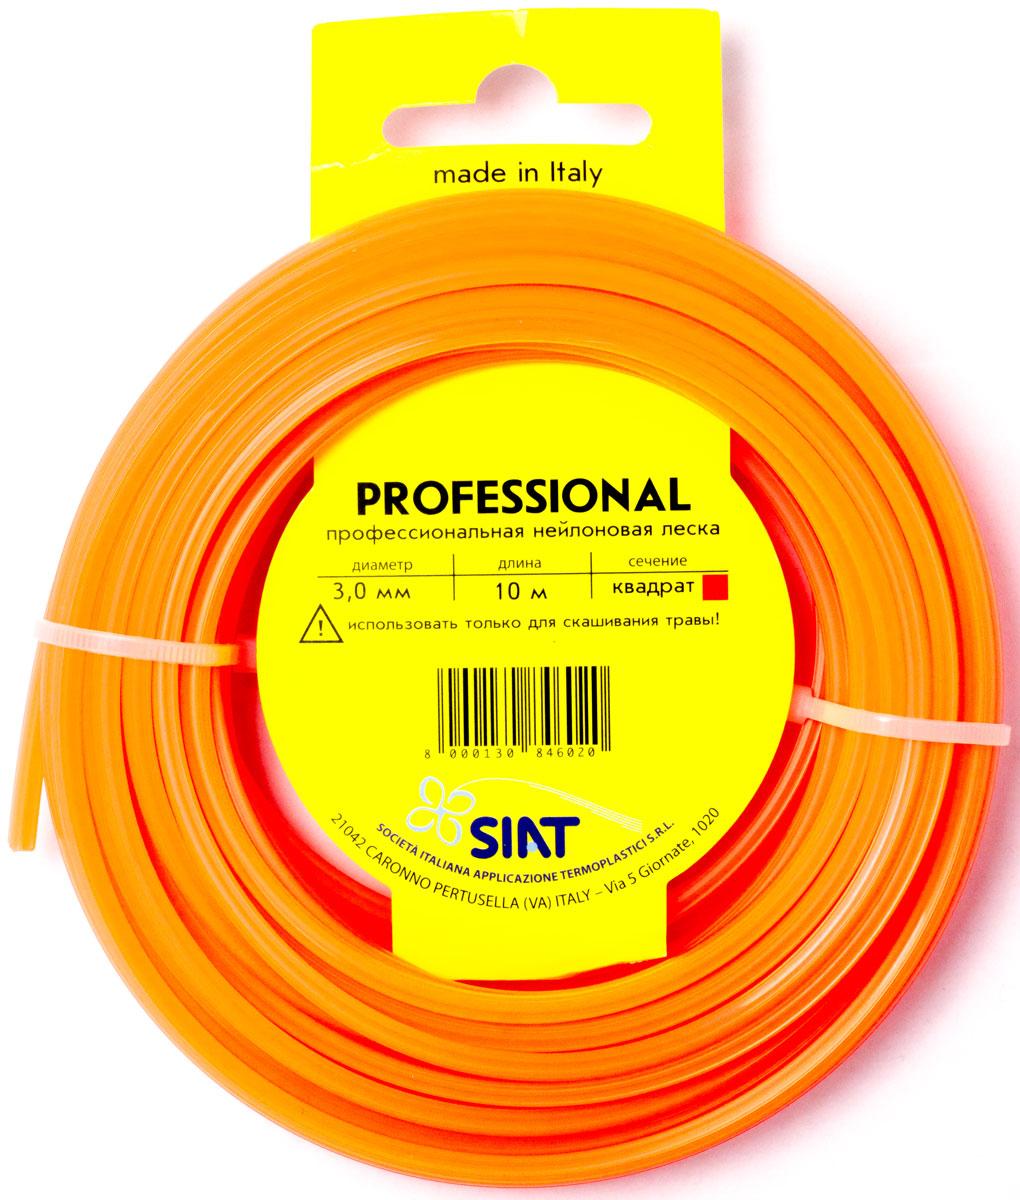 Леска для триммера Siat Professional Siat. Квадрат, диаметр 3 мм, длина 15 м2615S510JAПрофессиональная нейлоновая леска высокой прочности и гибкости